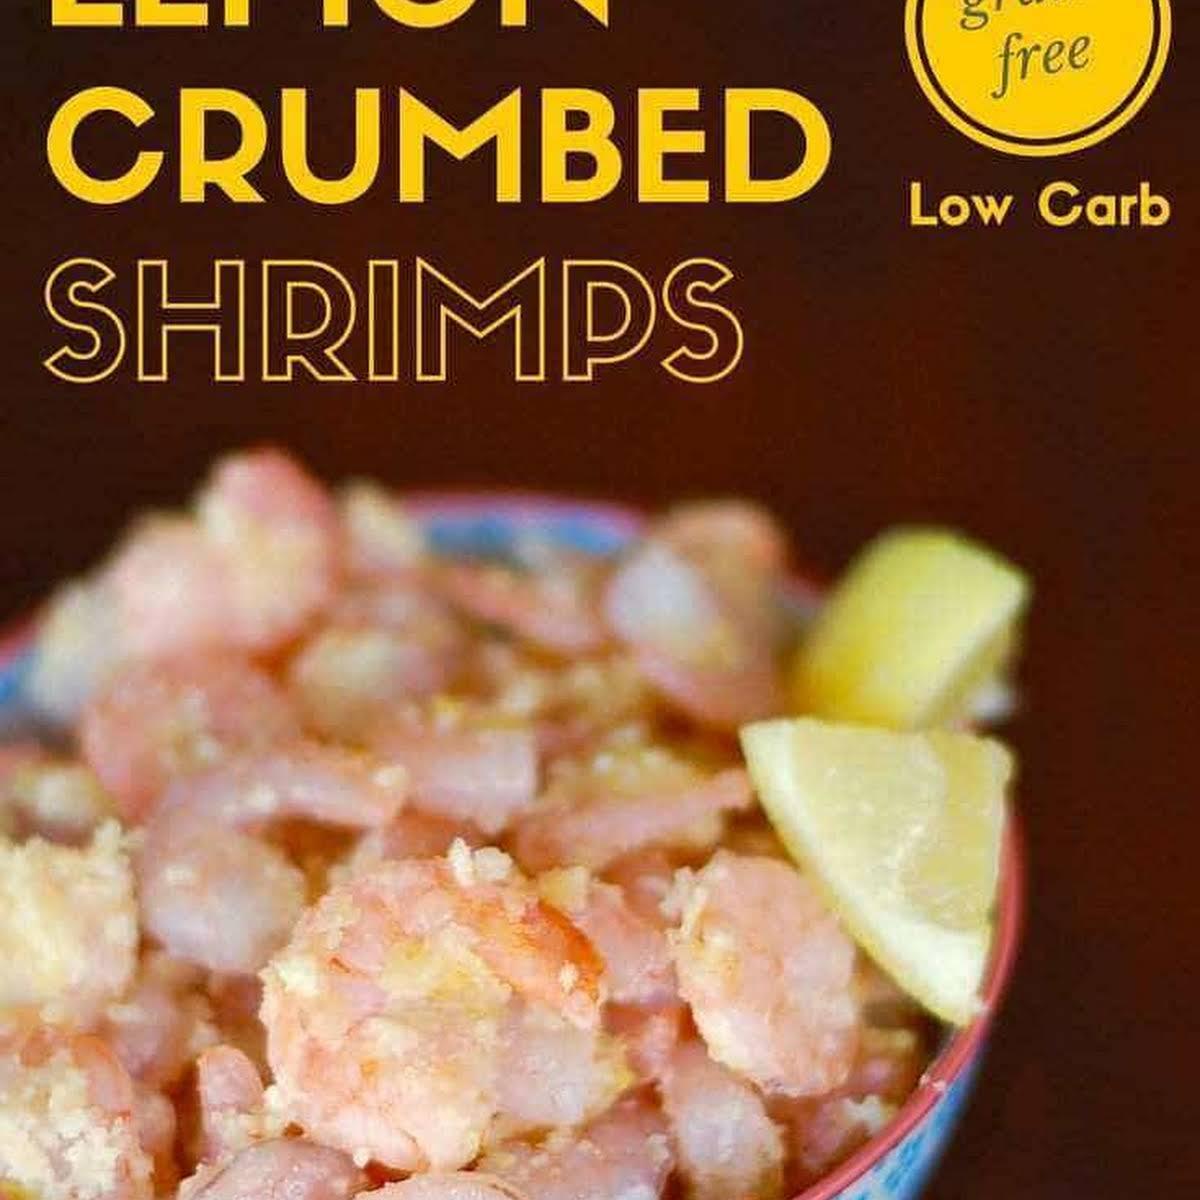 Low Carb Lemon Crumbed Shrimps